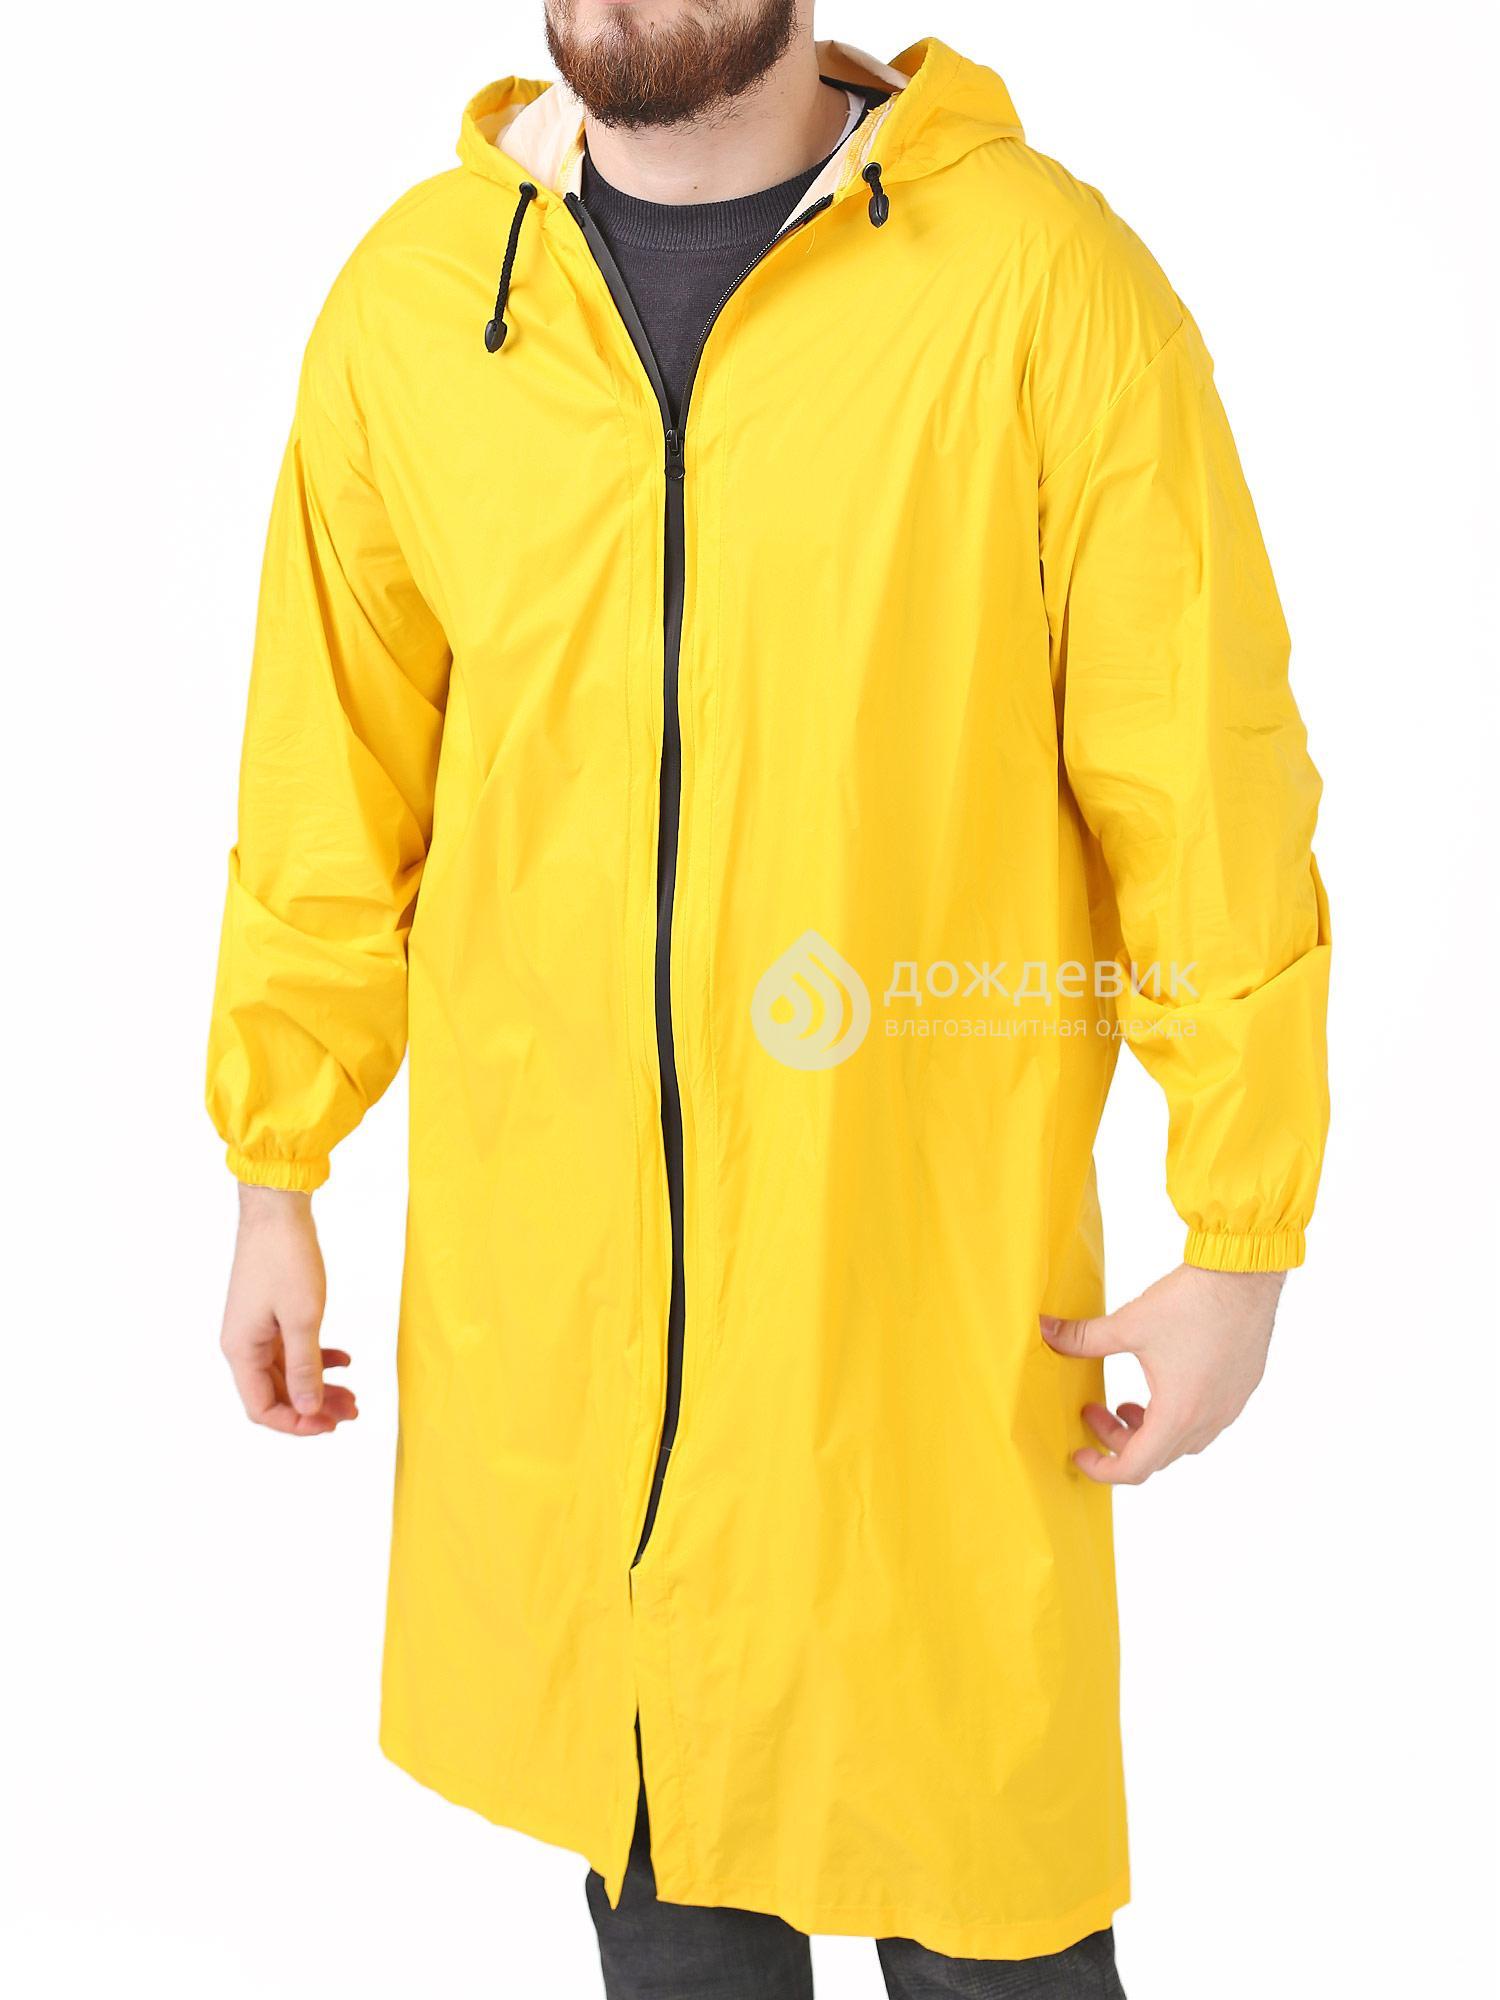 Плащ-дождевик «Ультра» модный непромокаемый на молнии желтый